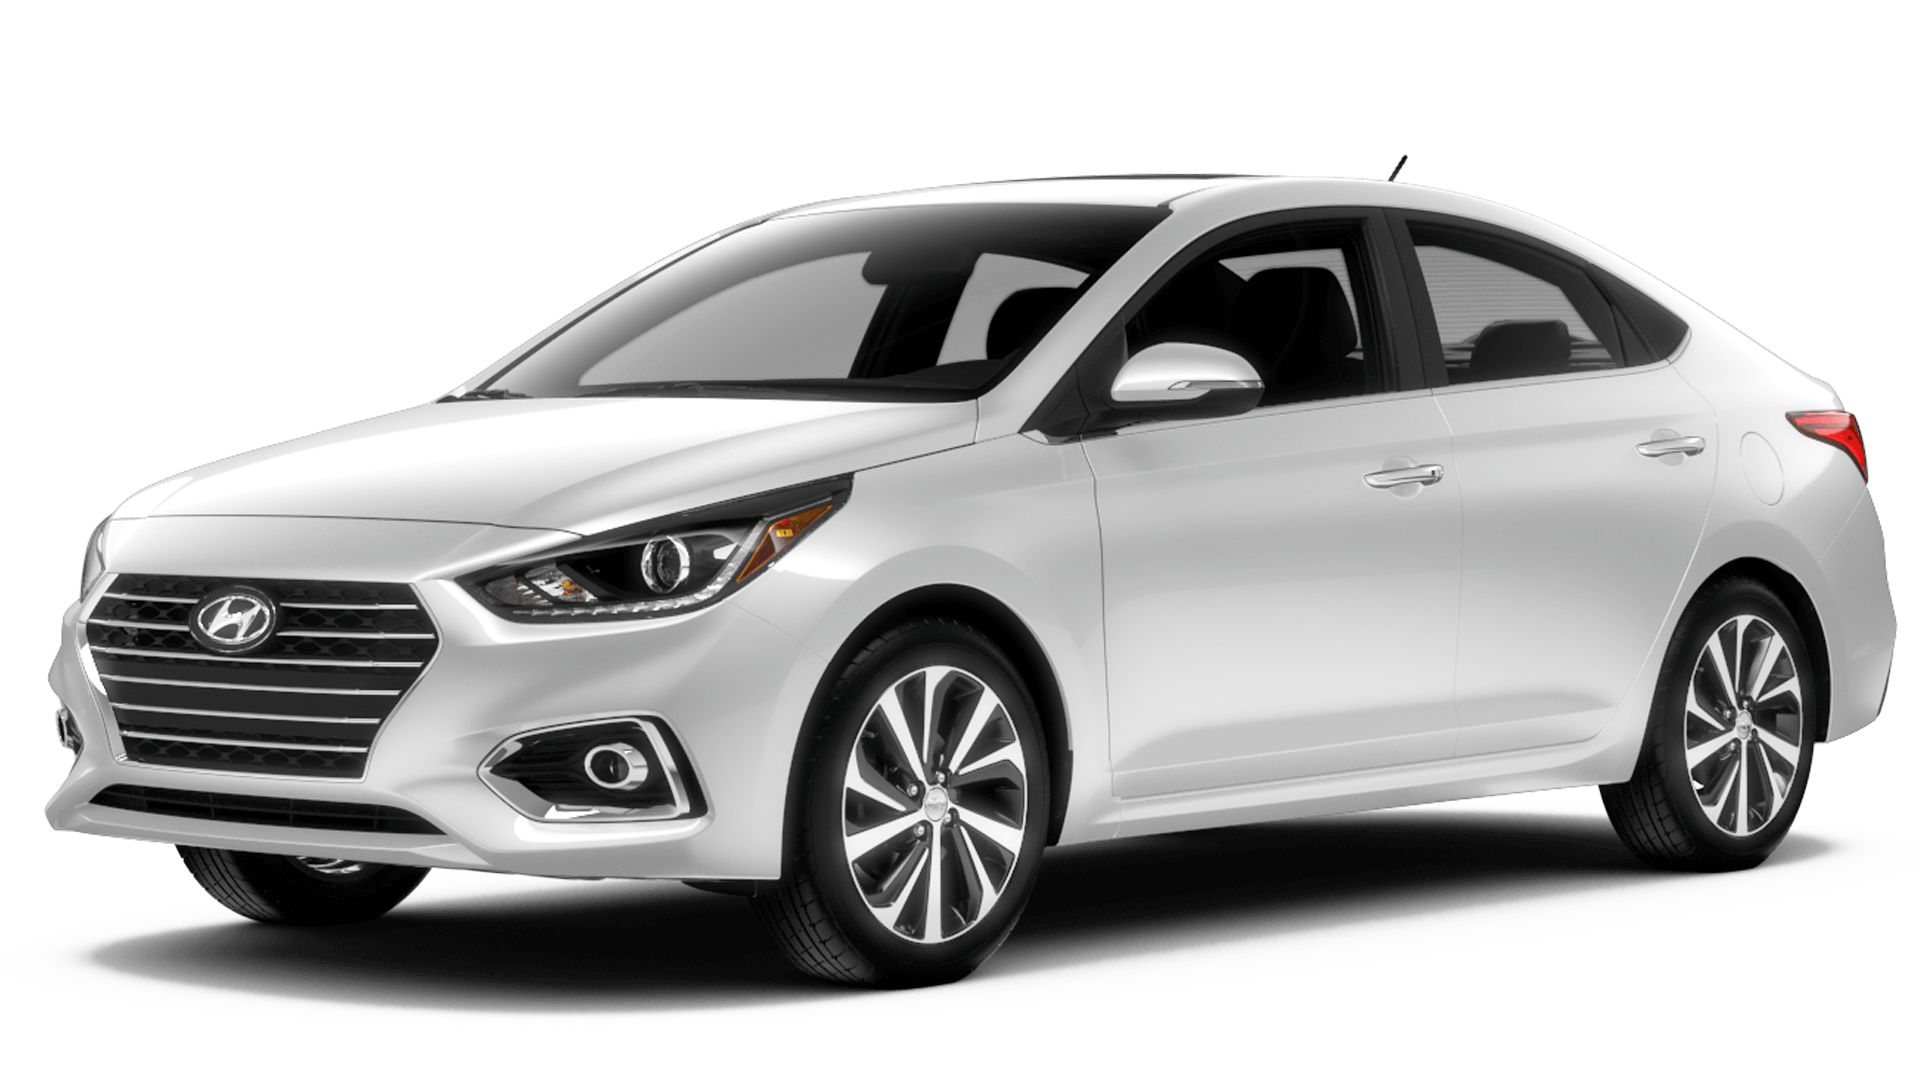 ekar - SHJ Hyundai Accent